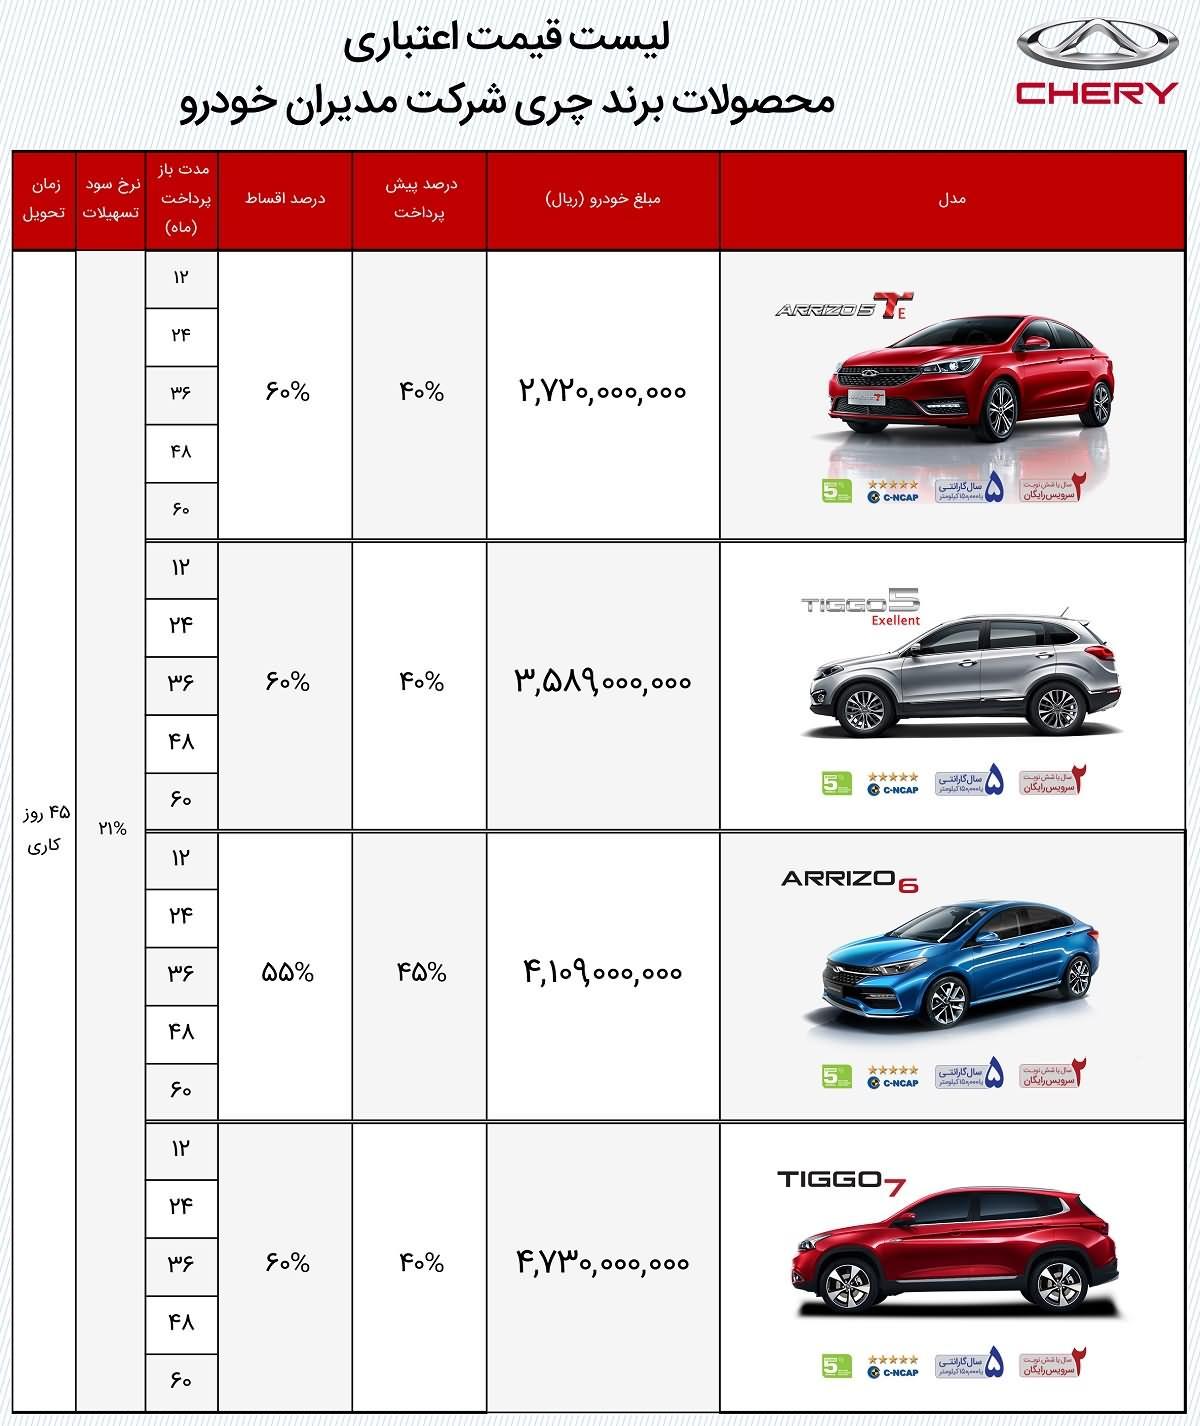 فروش اقساطی محصولات چری - بهمن ماه 98